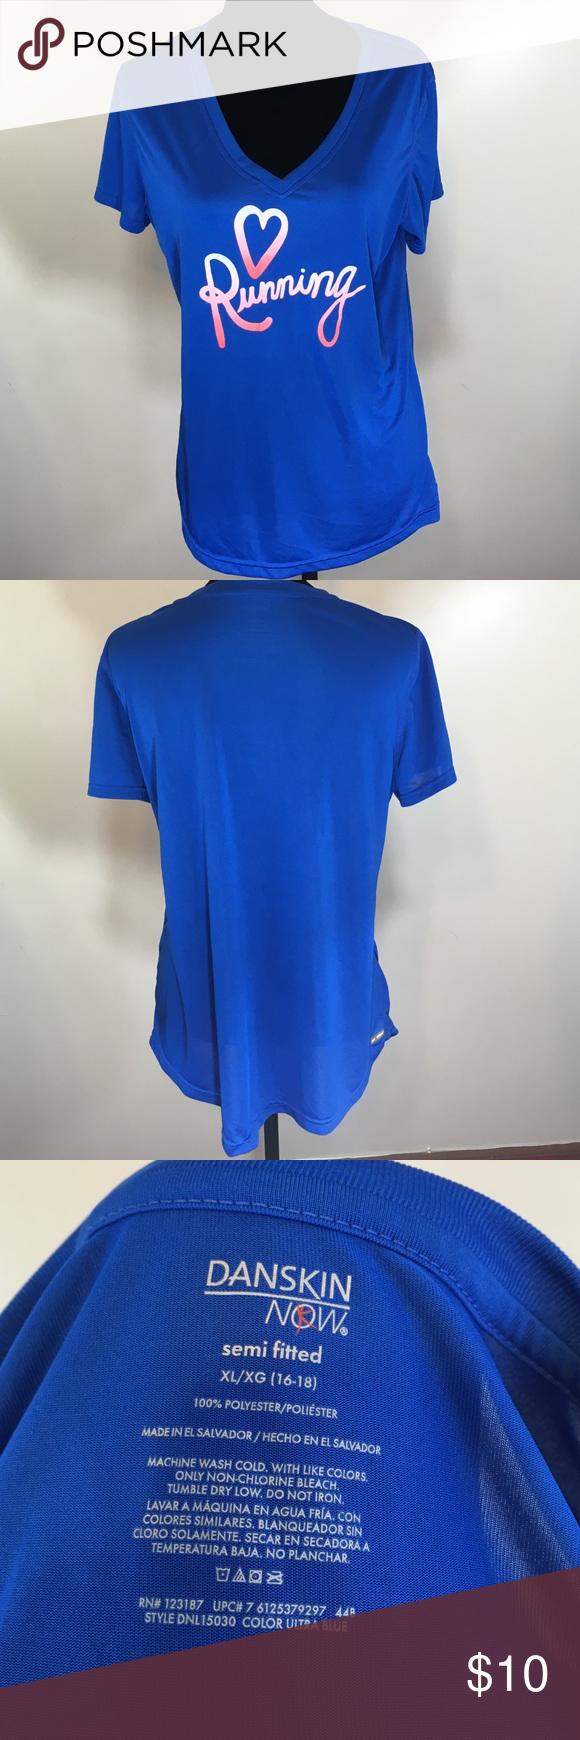 DANSKIN NOW ❤️ Running Shirt Semi-fitted (16-18) Dri More Short Sleeve. EUC Danskin Now Tops Tees - Short Sleeve